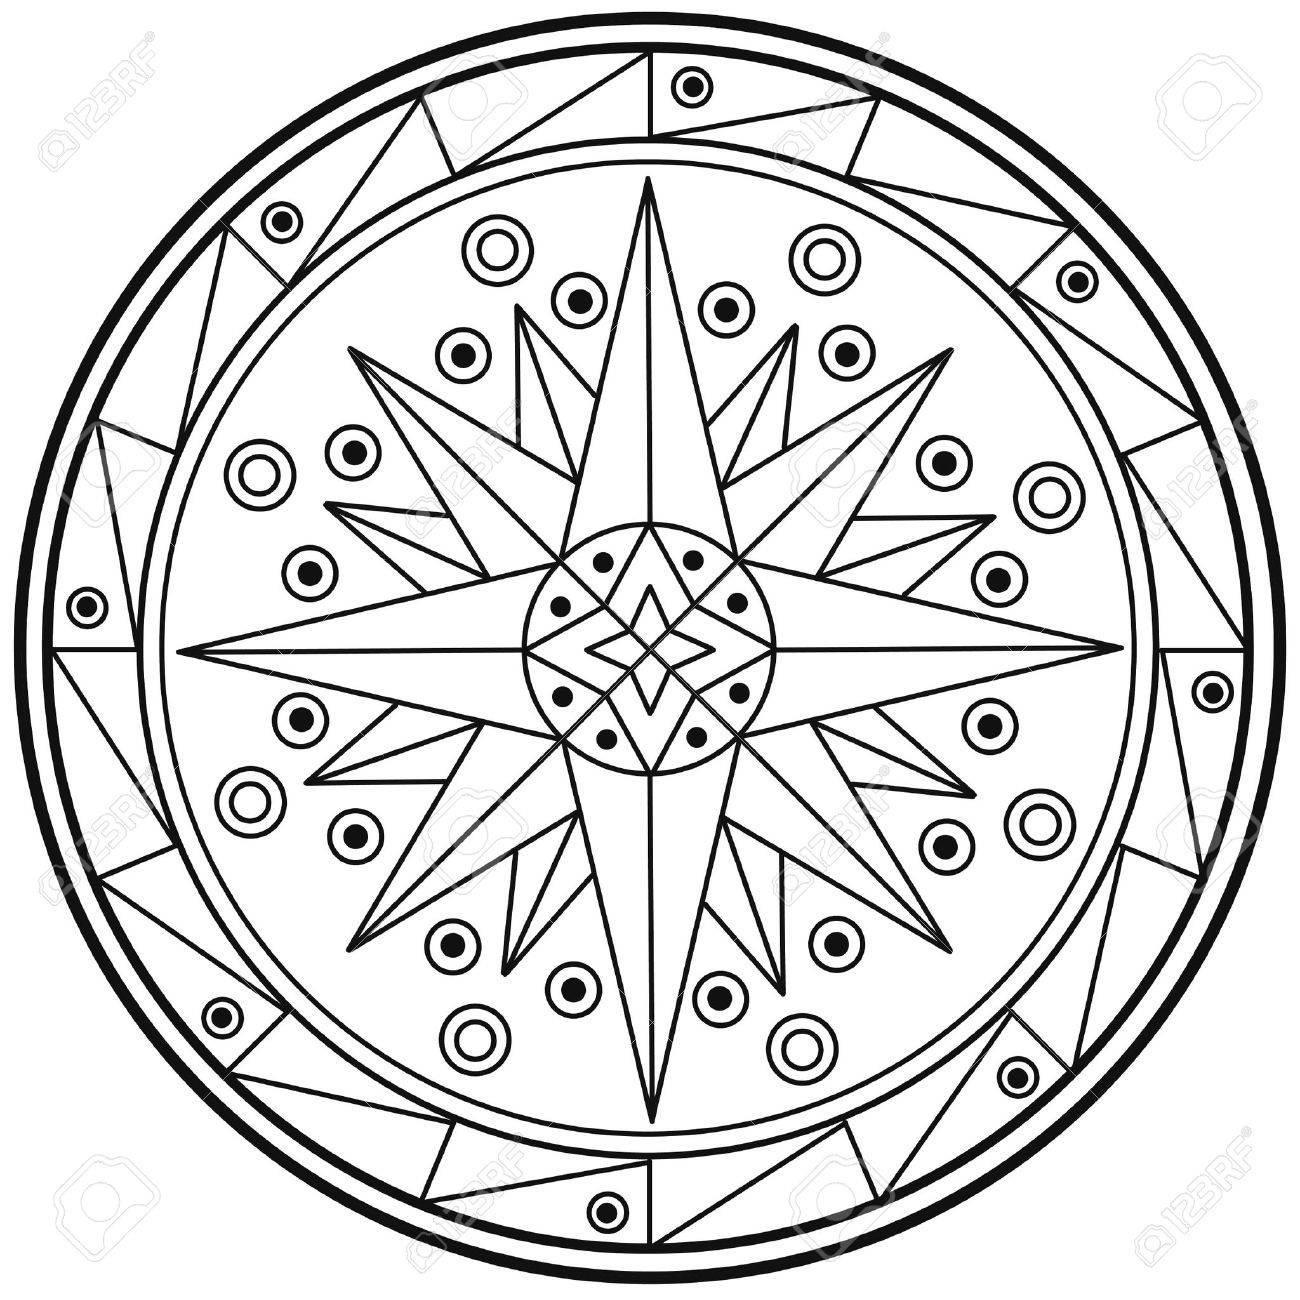 Geométricos Mandala Círculo Sagrado Blanco Y Negro Para Colorear Esquema